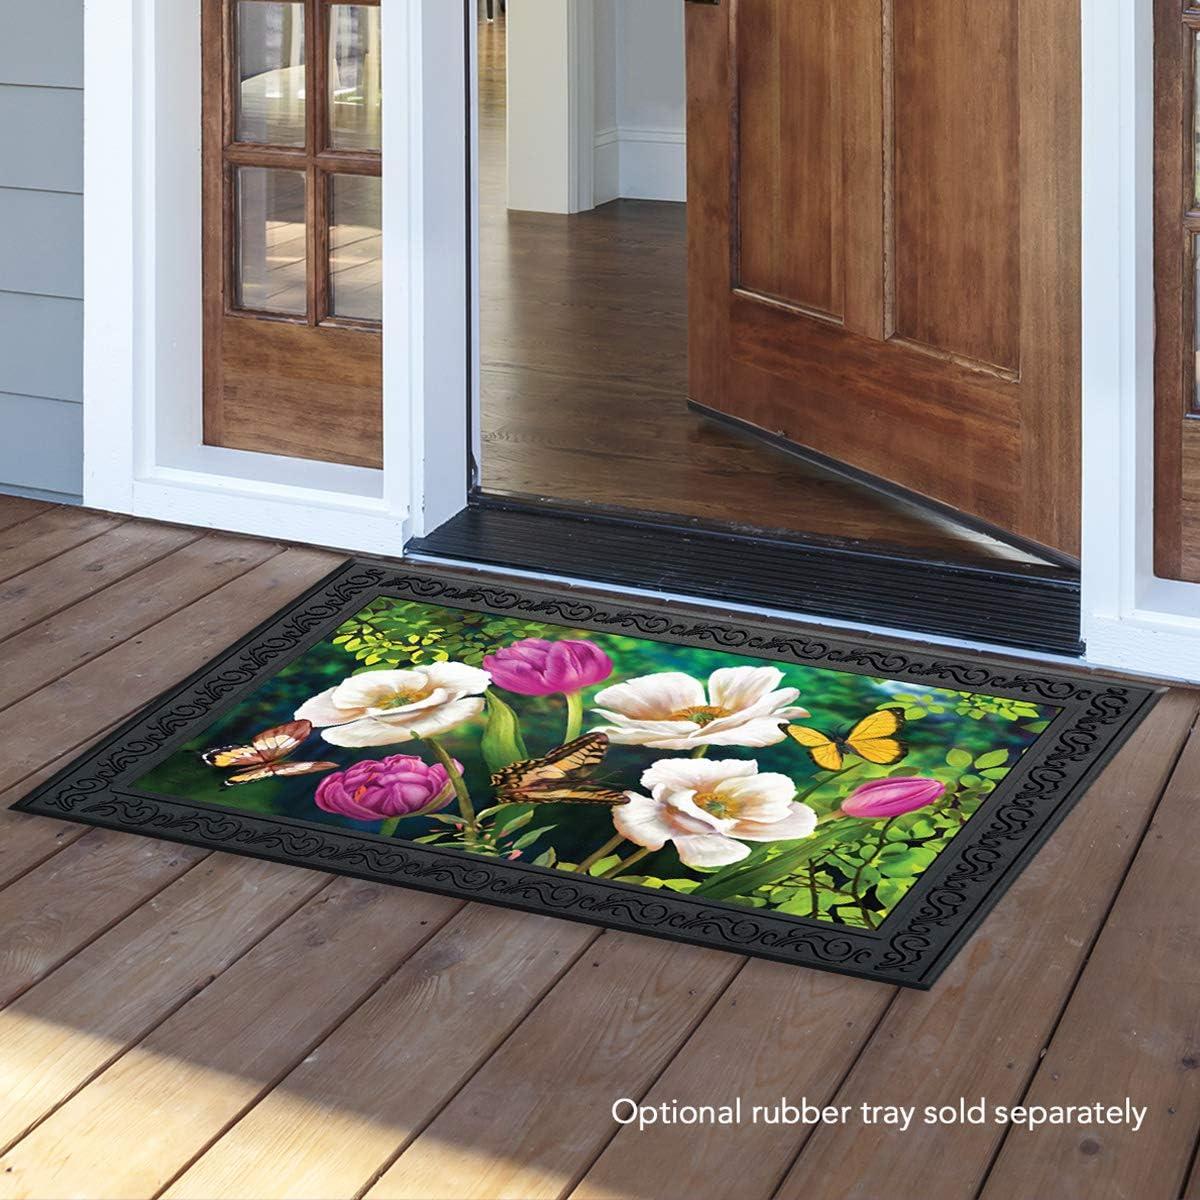 Briarwood Lane Butterflies and Poppies Spring Doormat Floral Indoor Outdoor 18 x 30